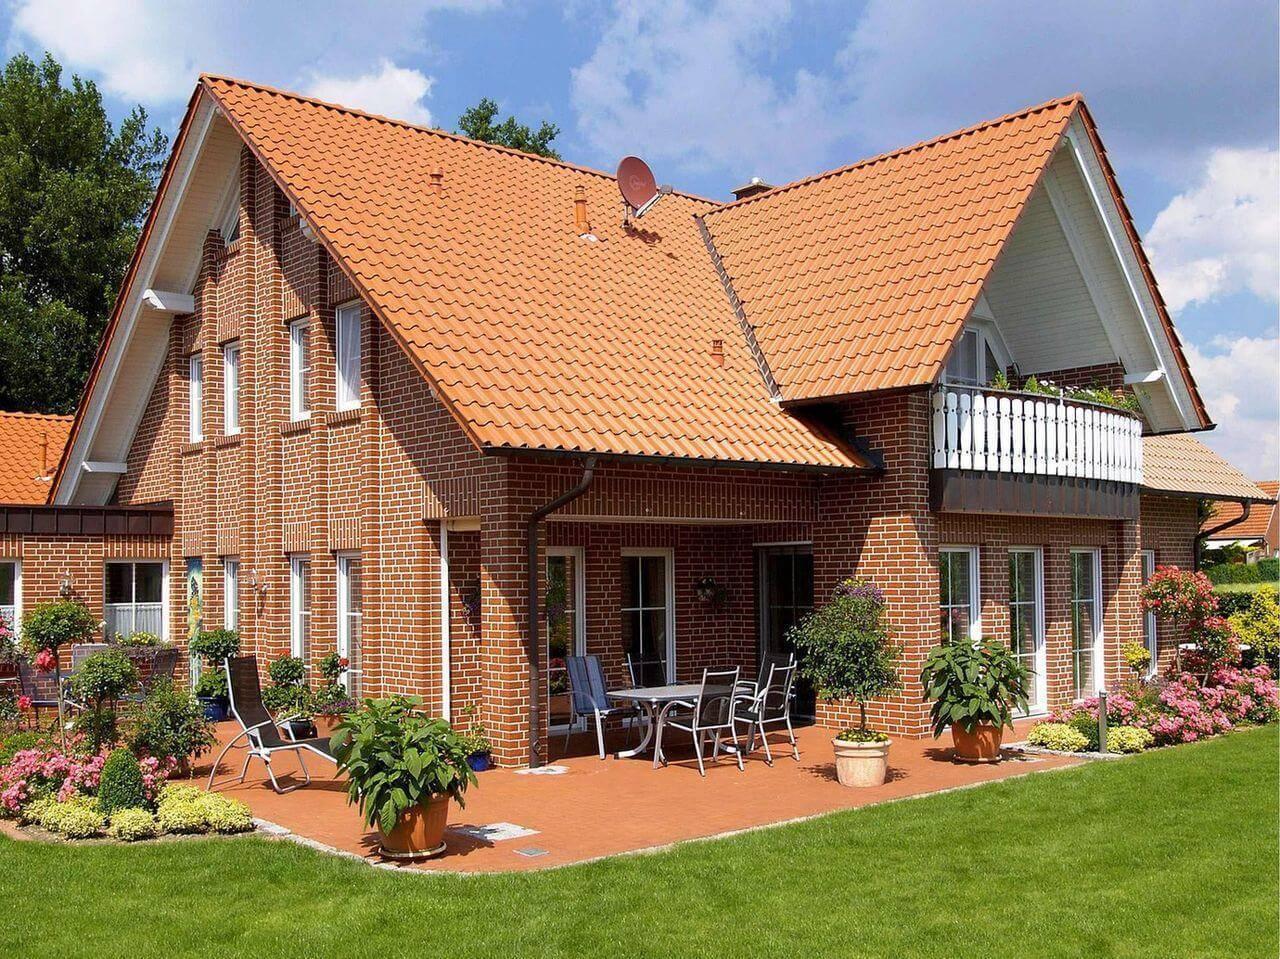 Технология строительства кирпичного дома: важные моменты (фото)